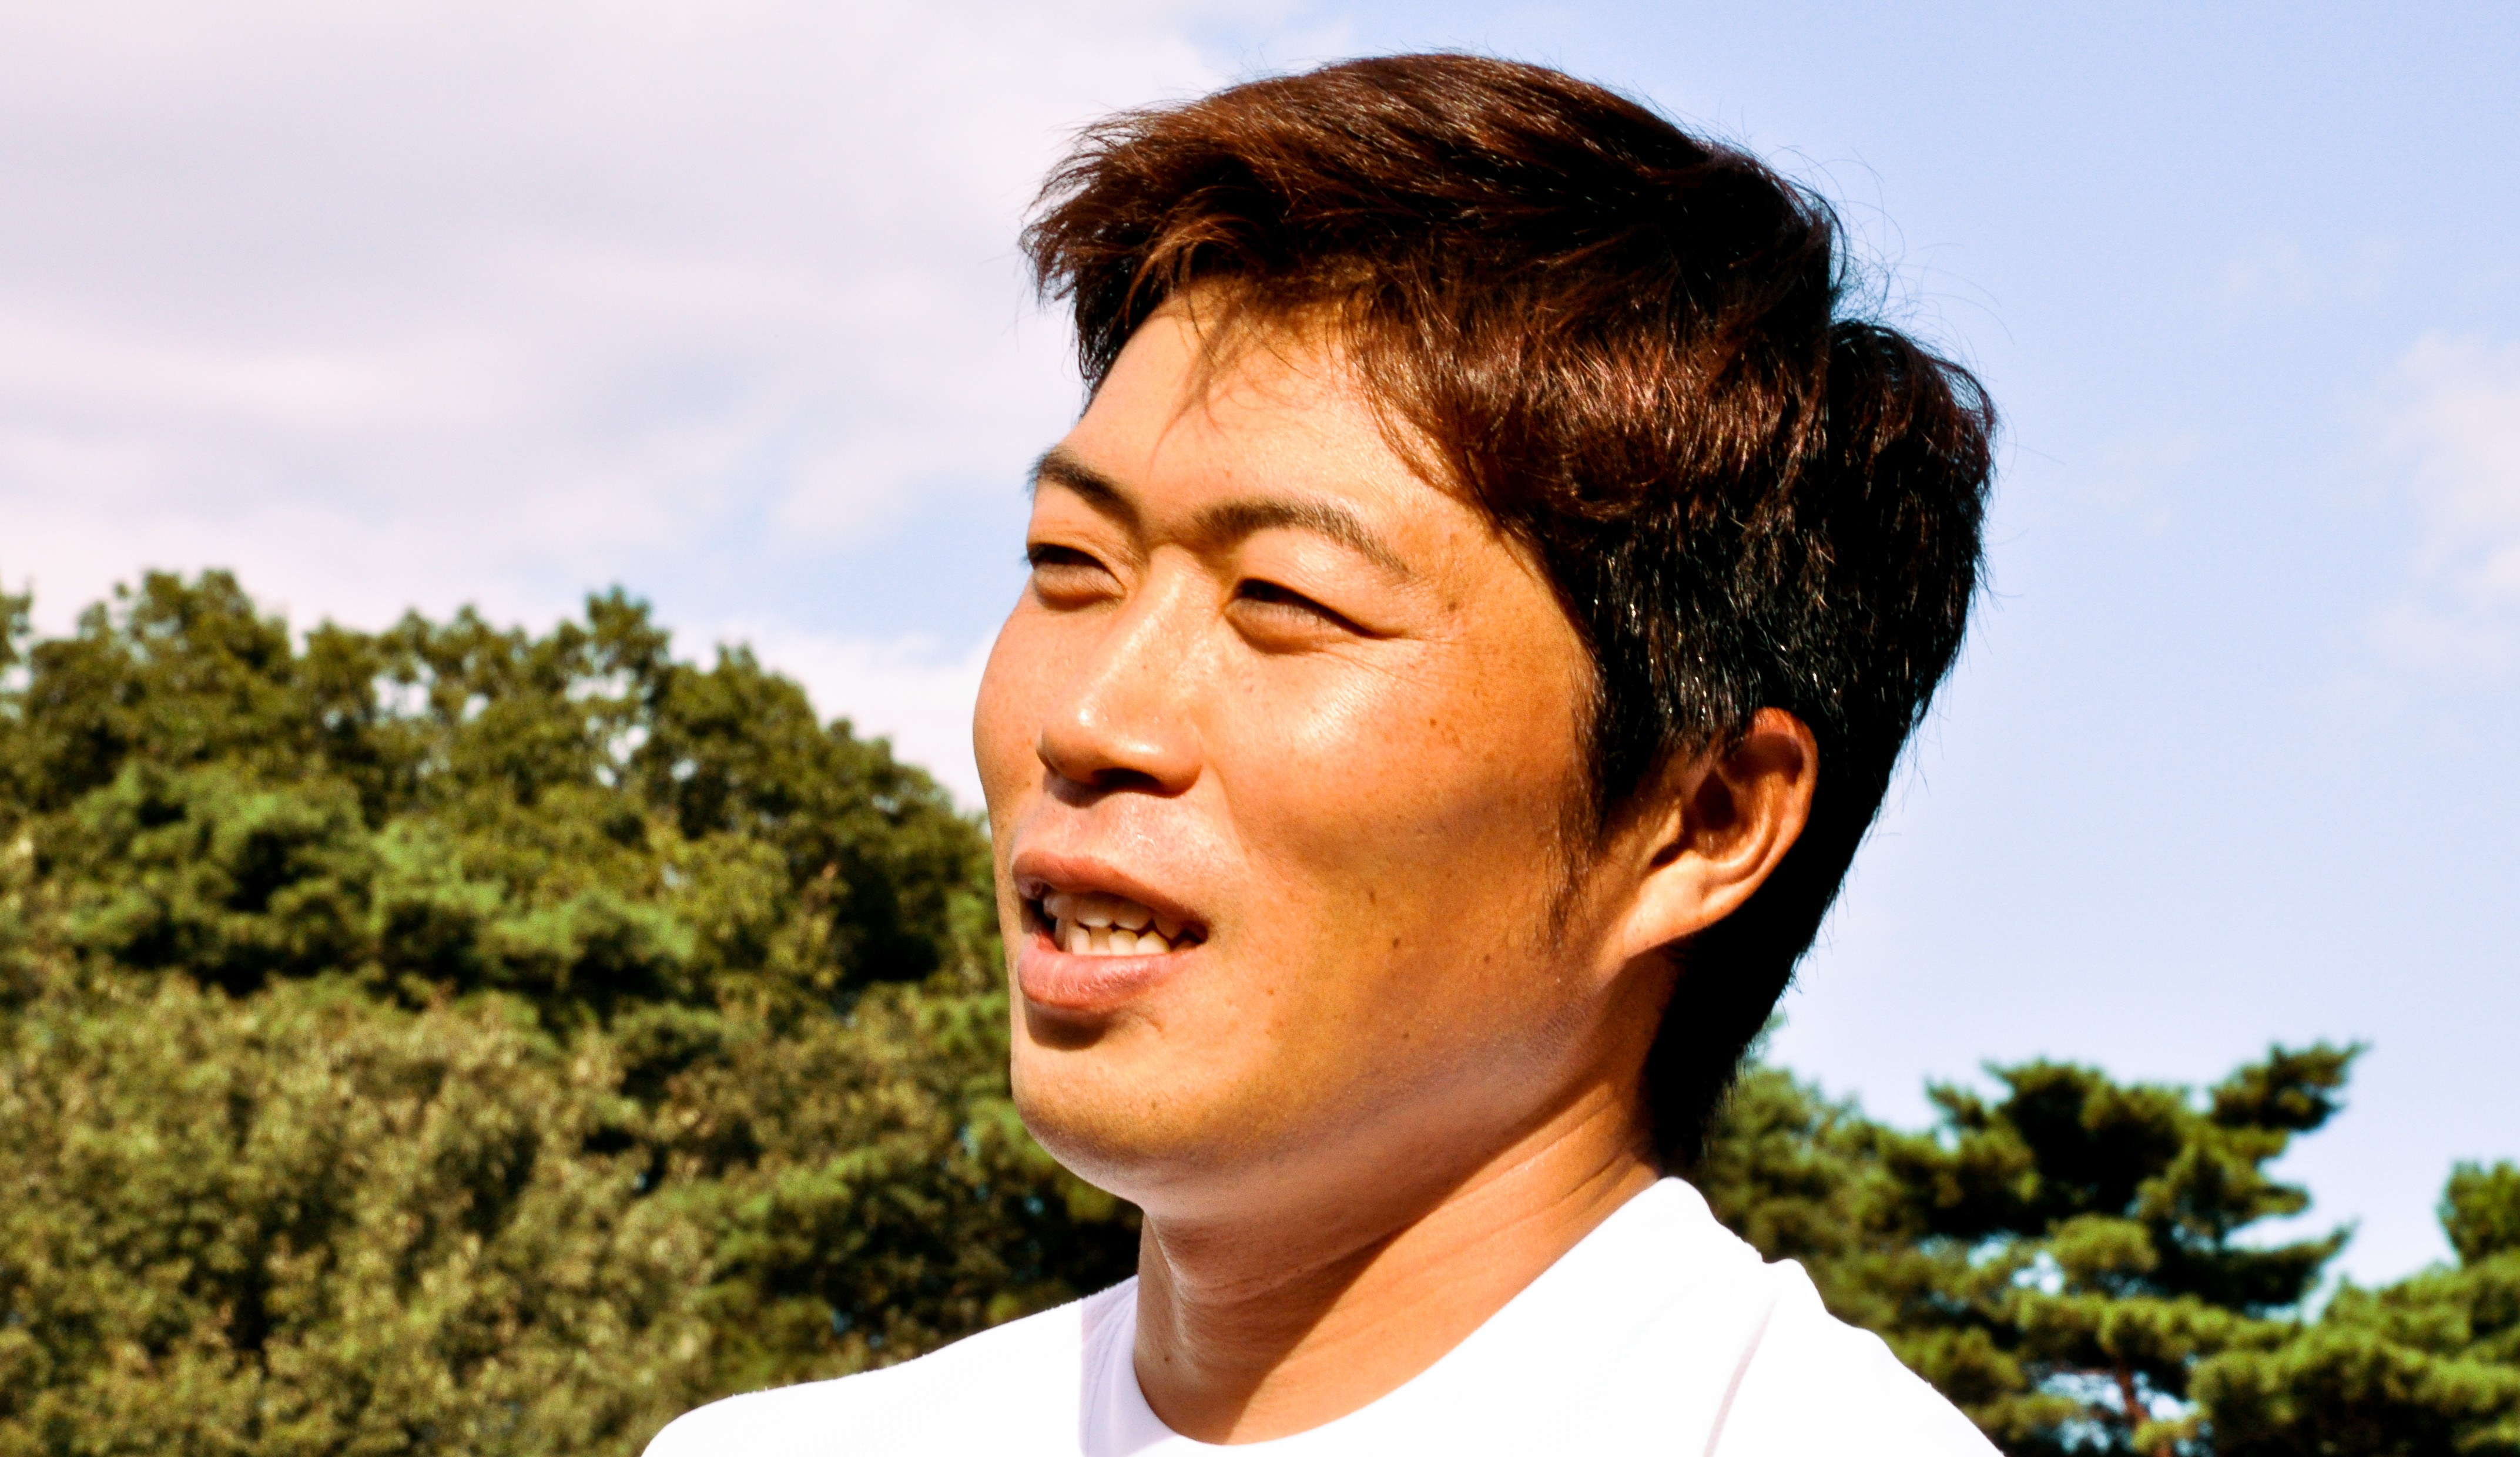 【野球】三井流ピッチングのコツ presented by三井浩二